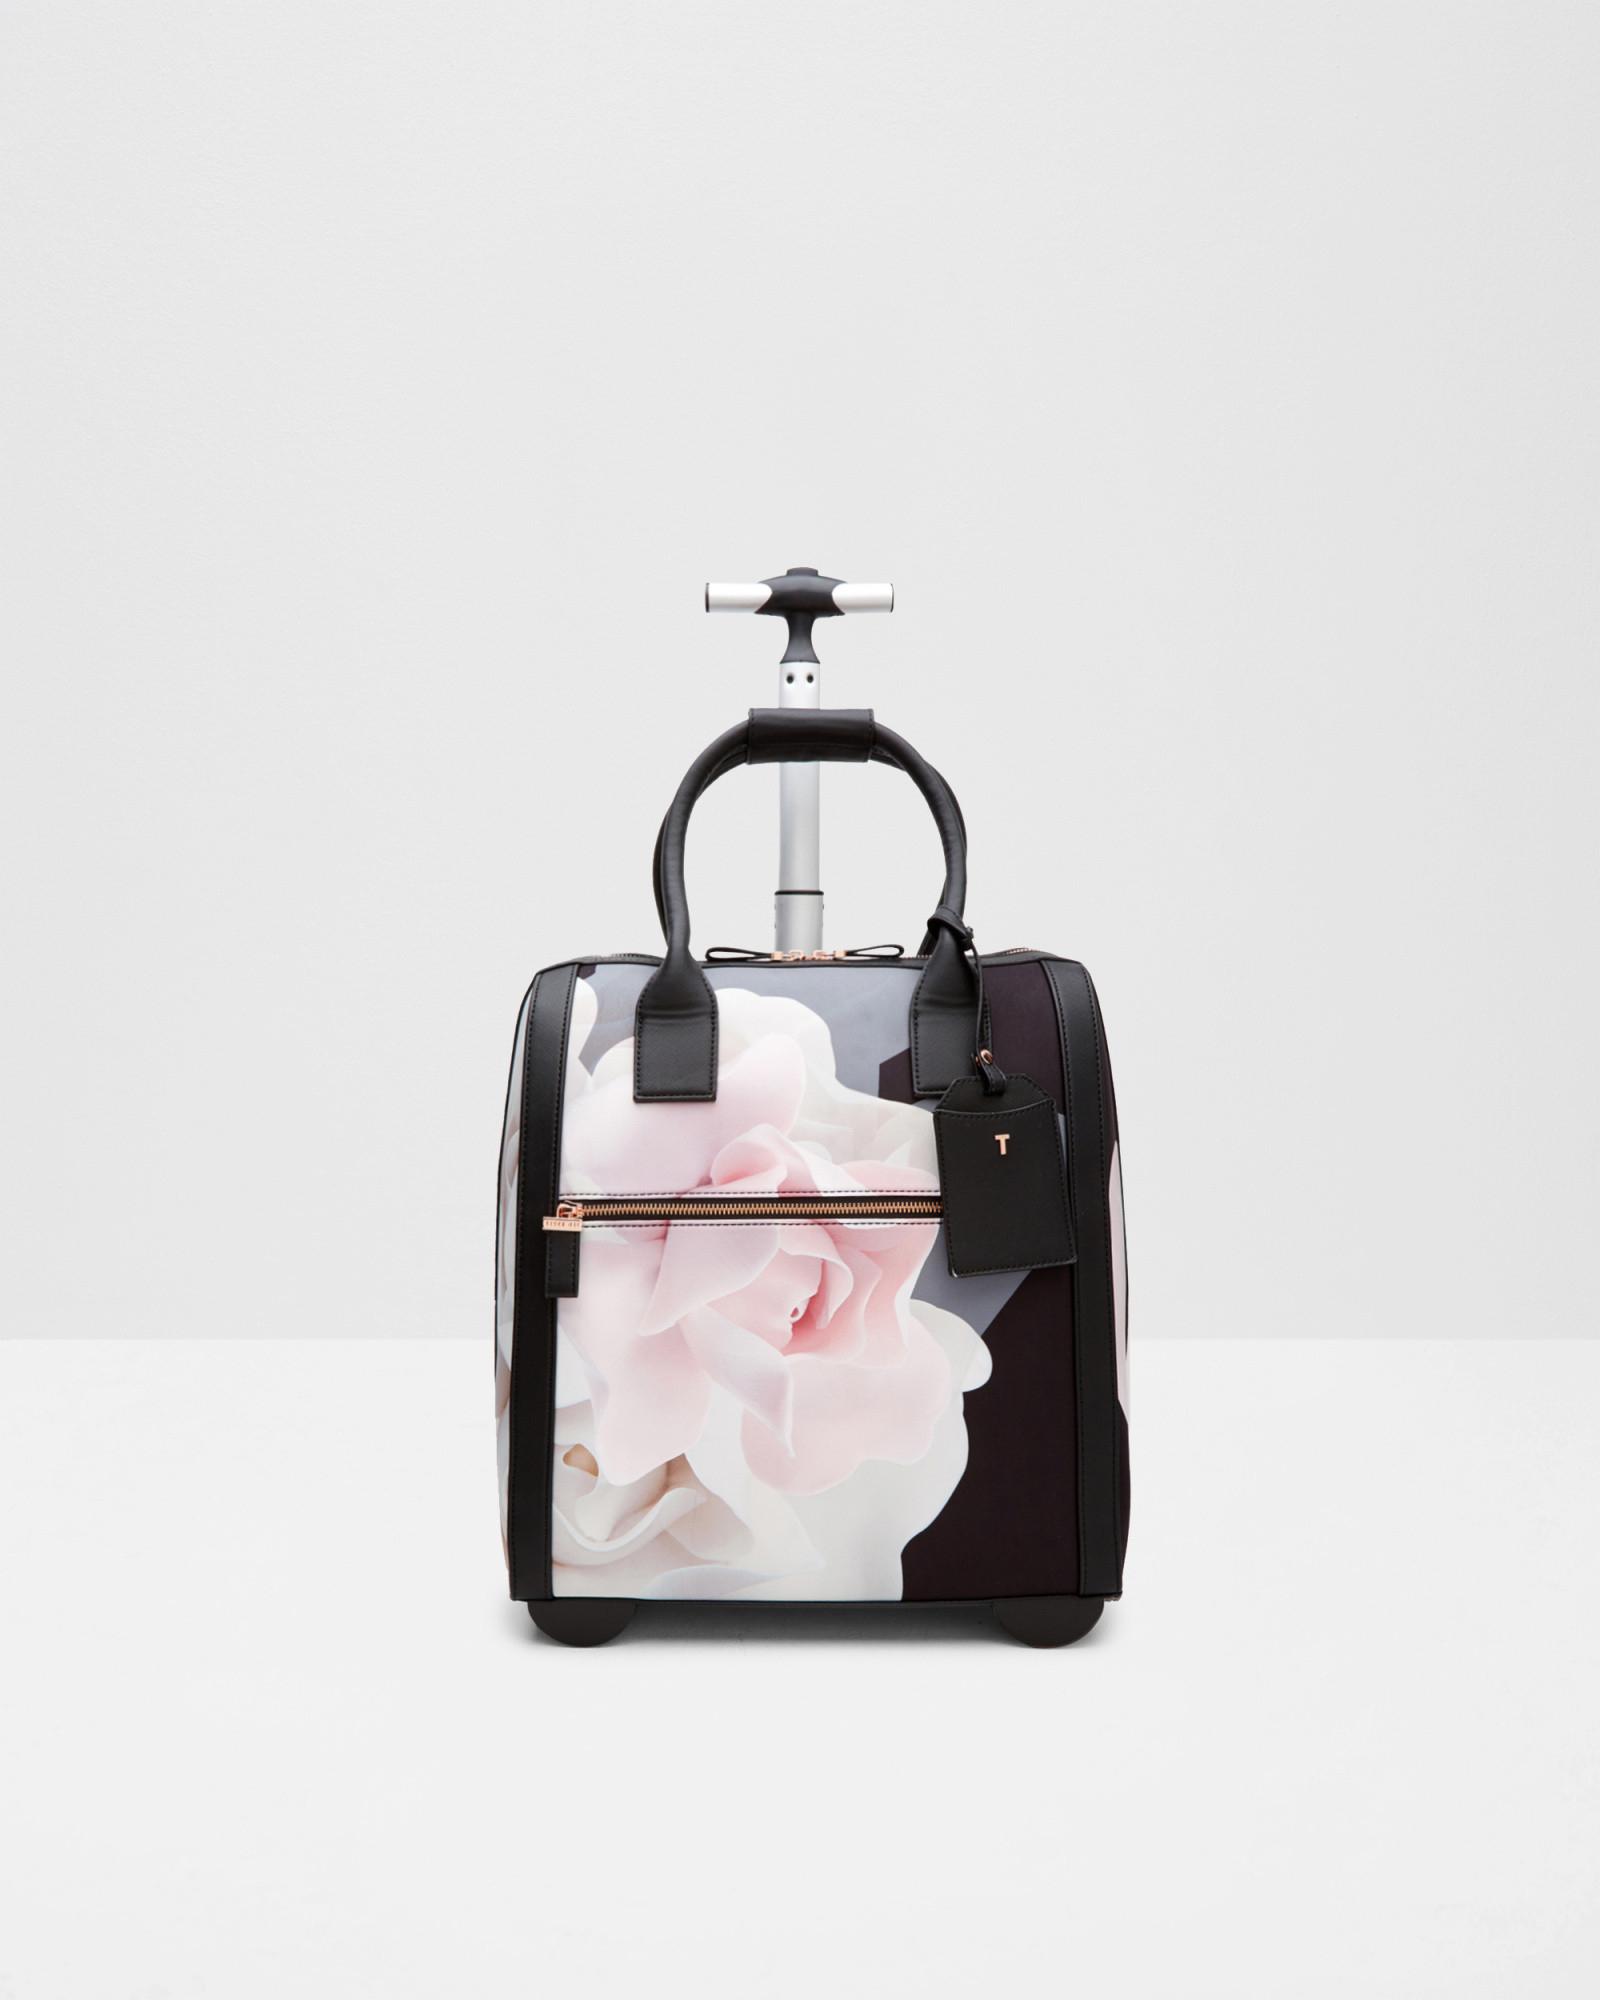 79fb75d92 Ted Baker Porcelain Rose Travel Bag in Black - Lyst